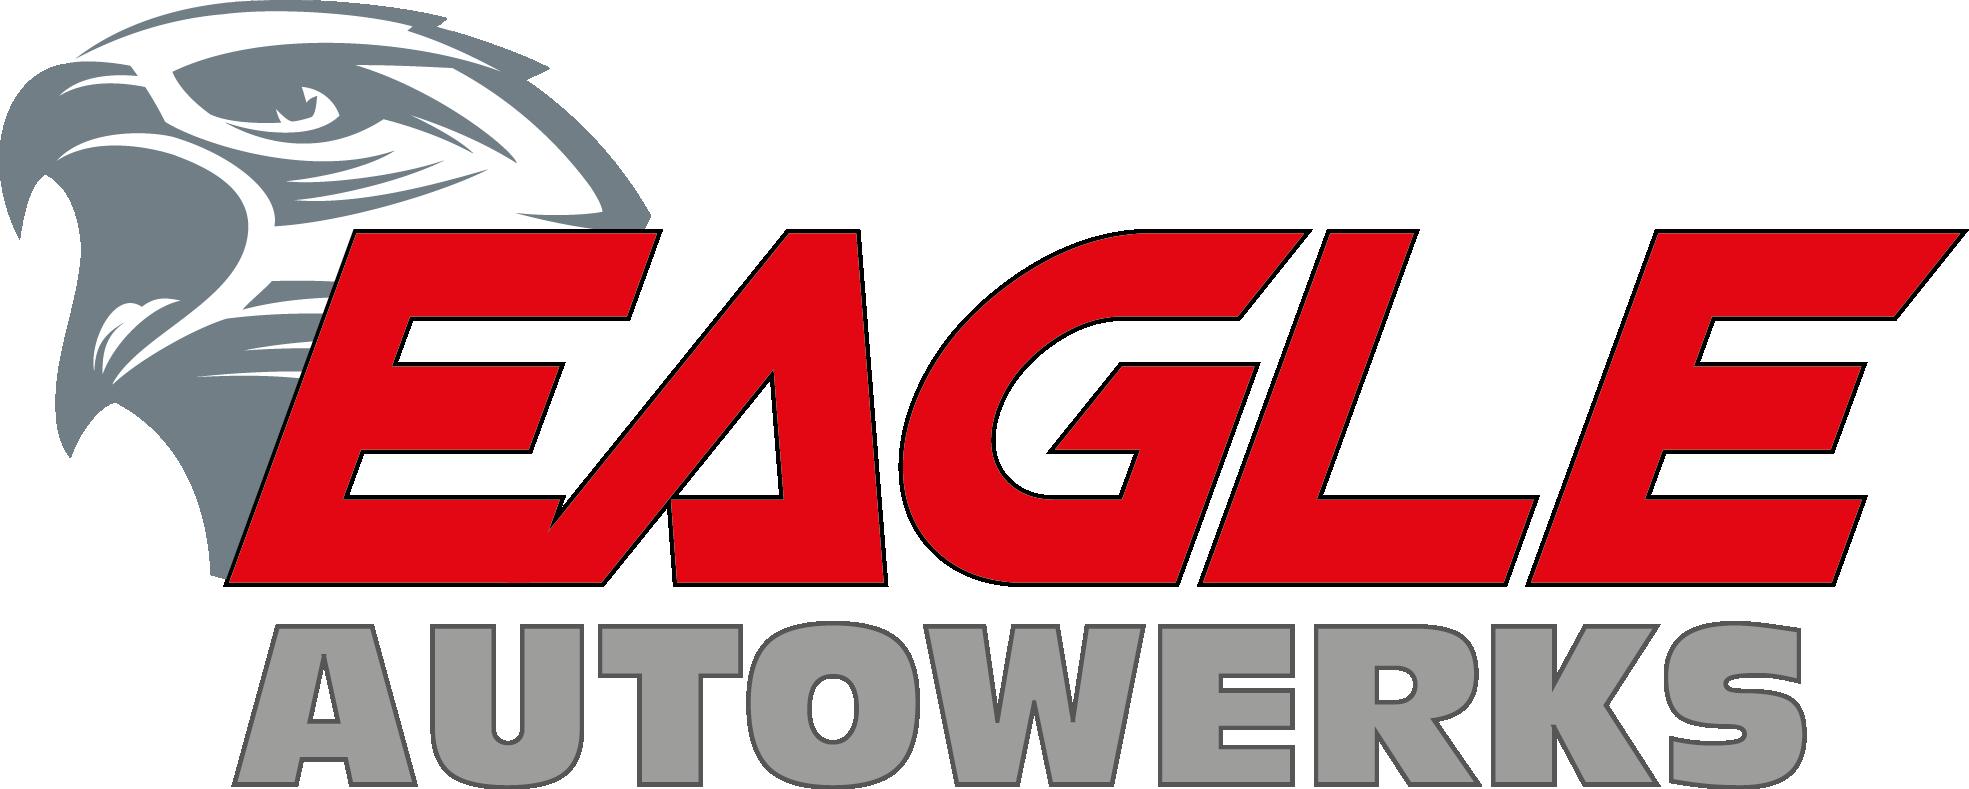 Eagle Autowerks